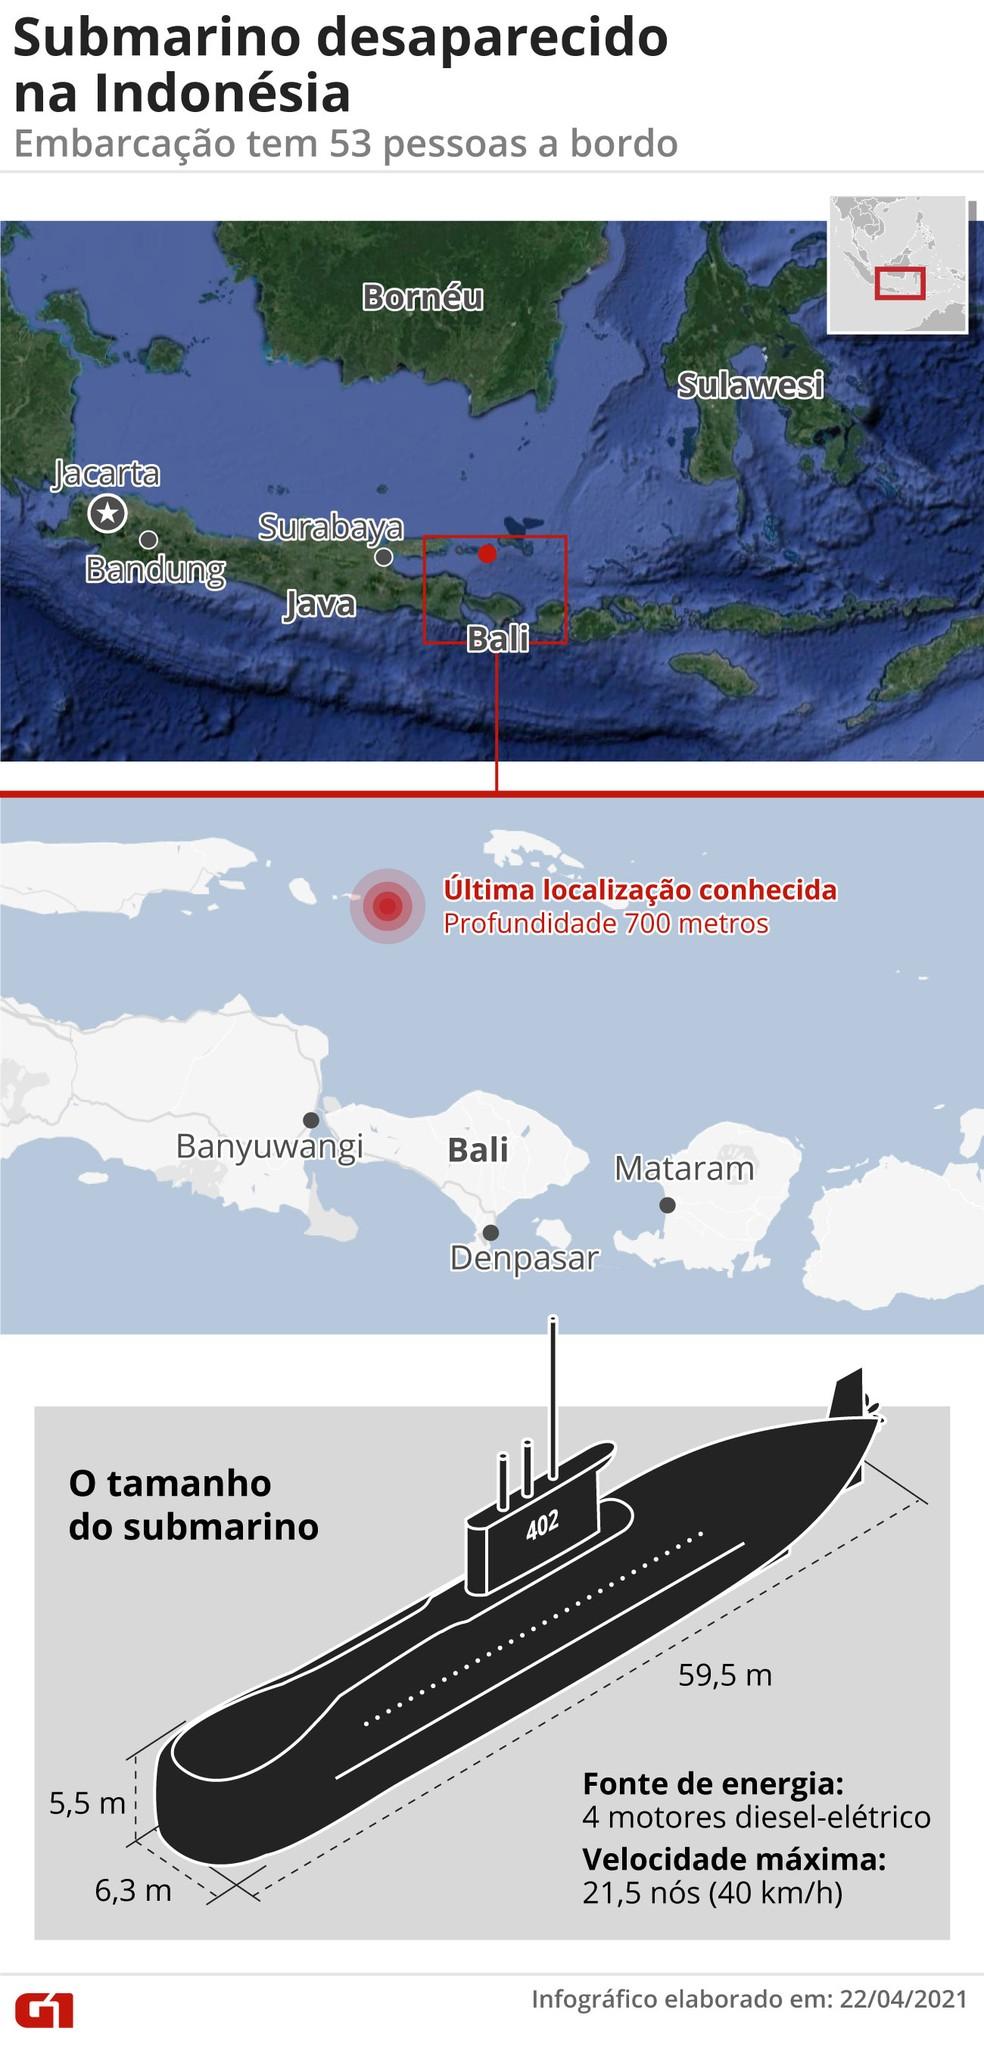 Submarino desaparecido na Indonésia  — Foto: Arte G1